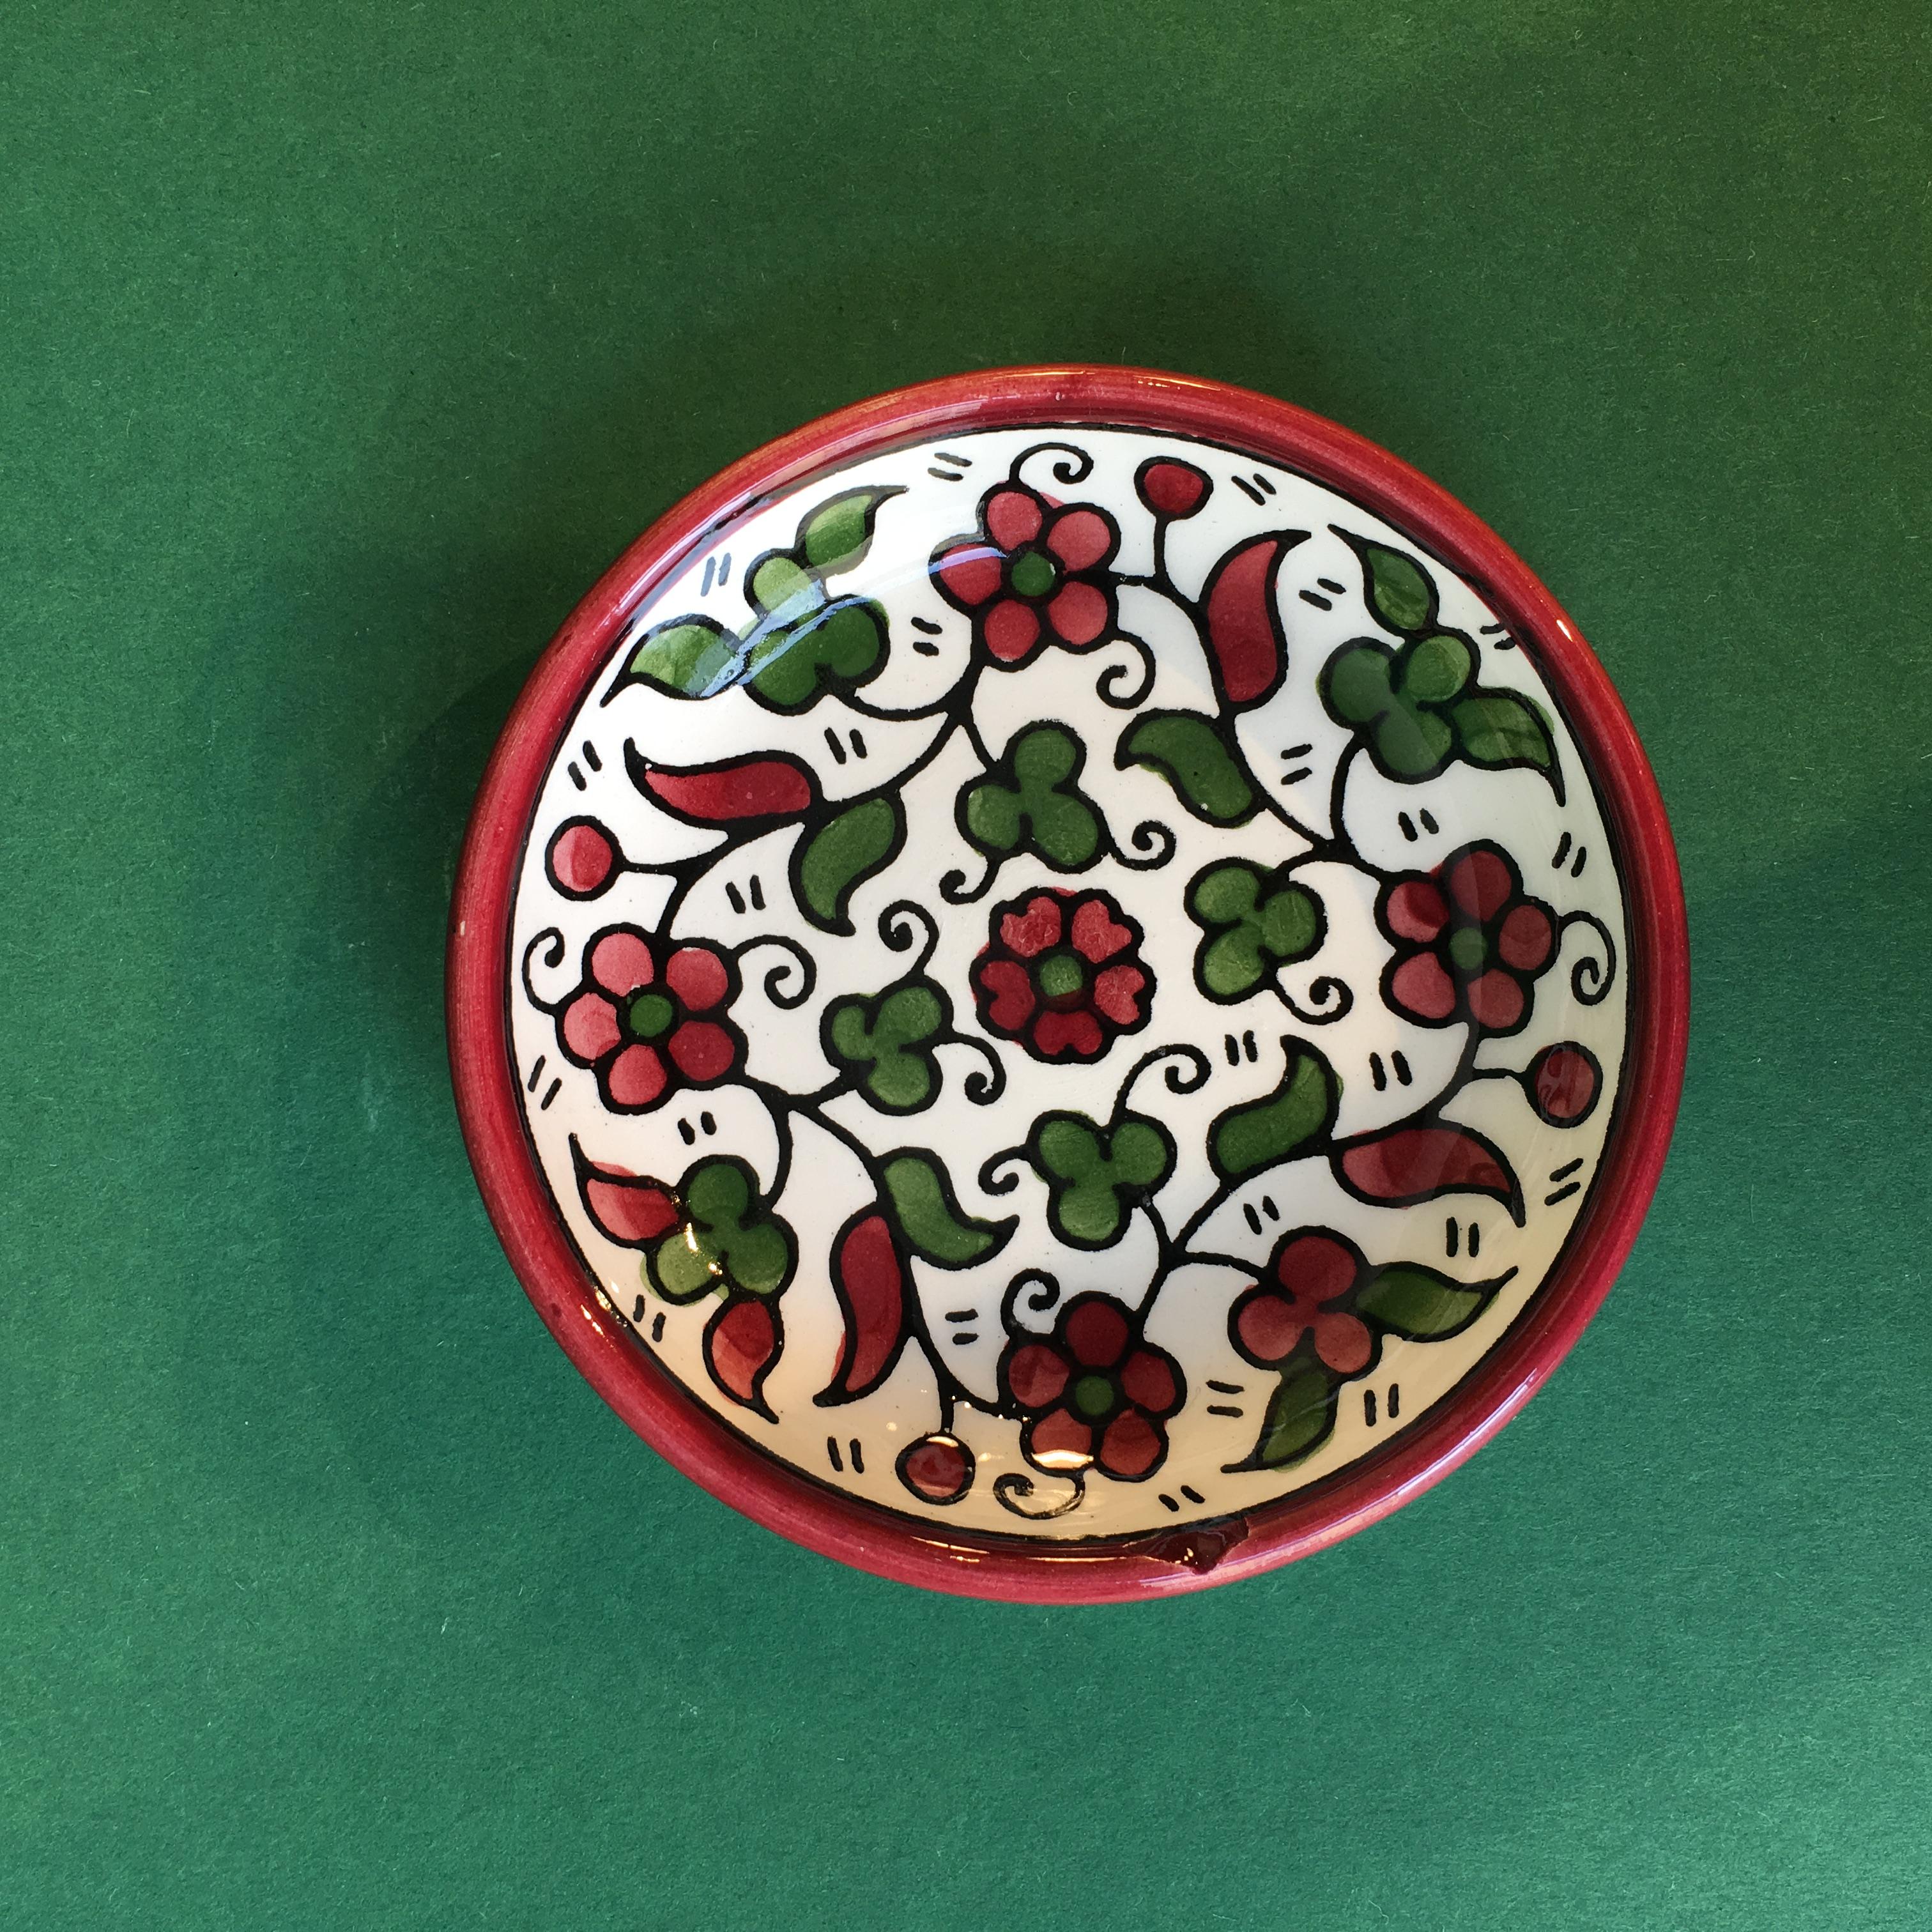 Mini keramikkskål, rød og grønn